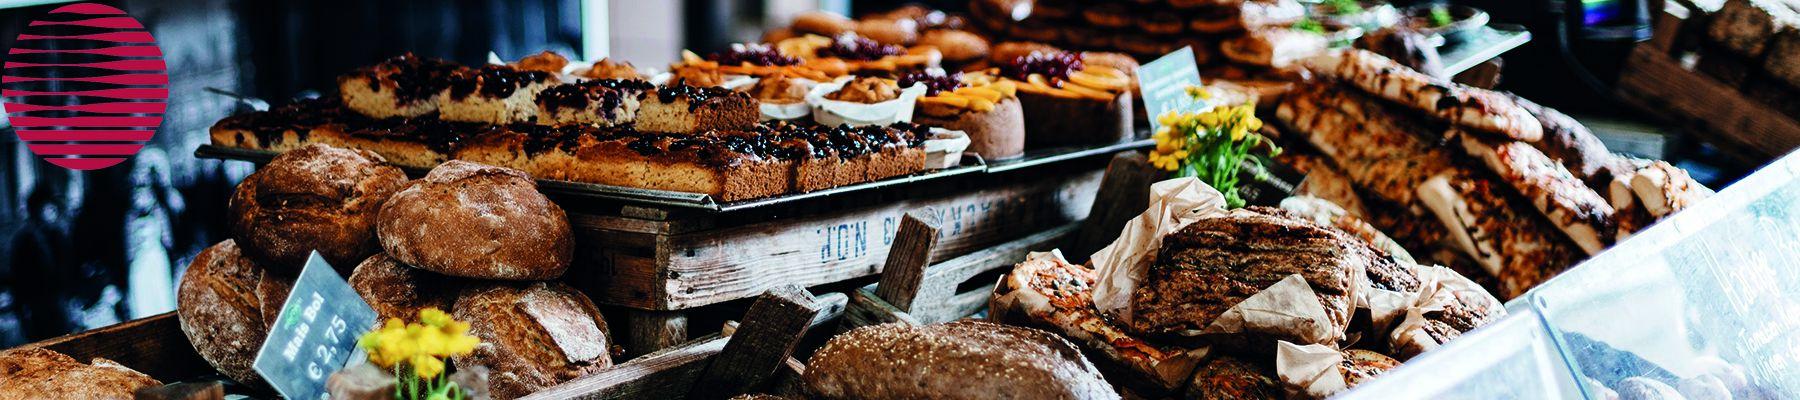 Auch Bäcker und Konditoren benötigen Bürosysteme. Bürotechnik Stroh hat jahrelange Erfahrung in der Branche.